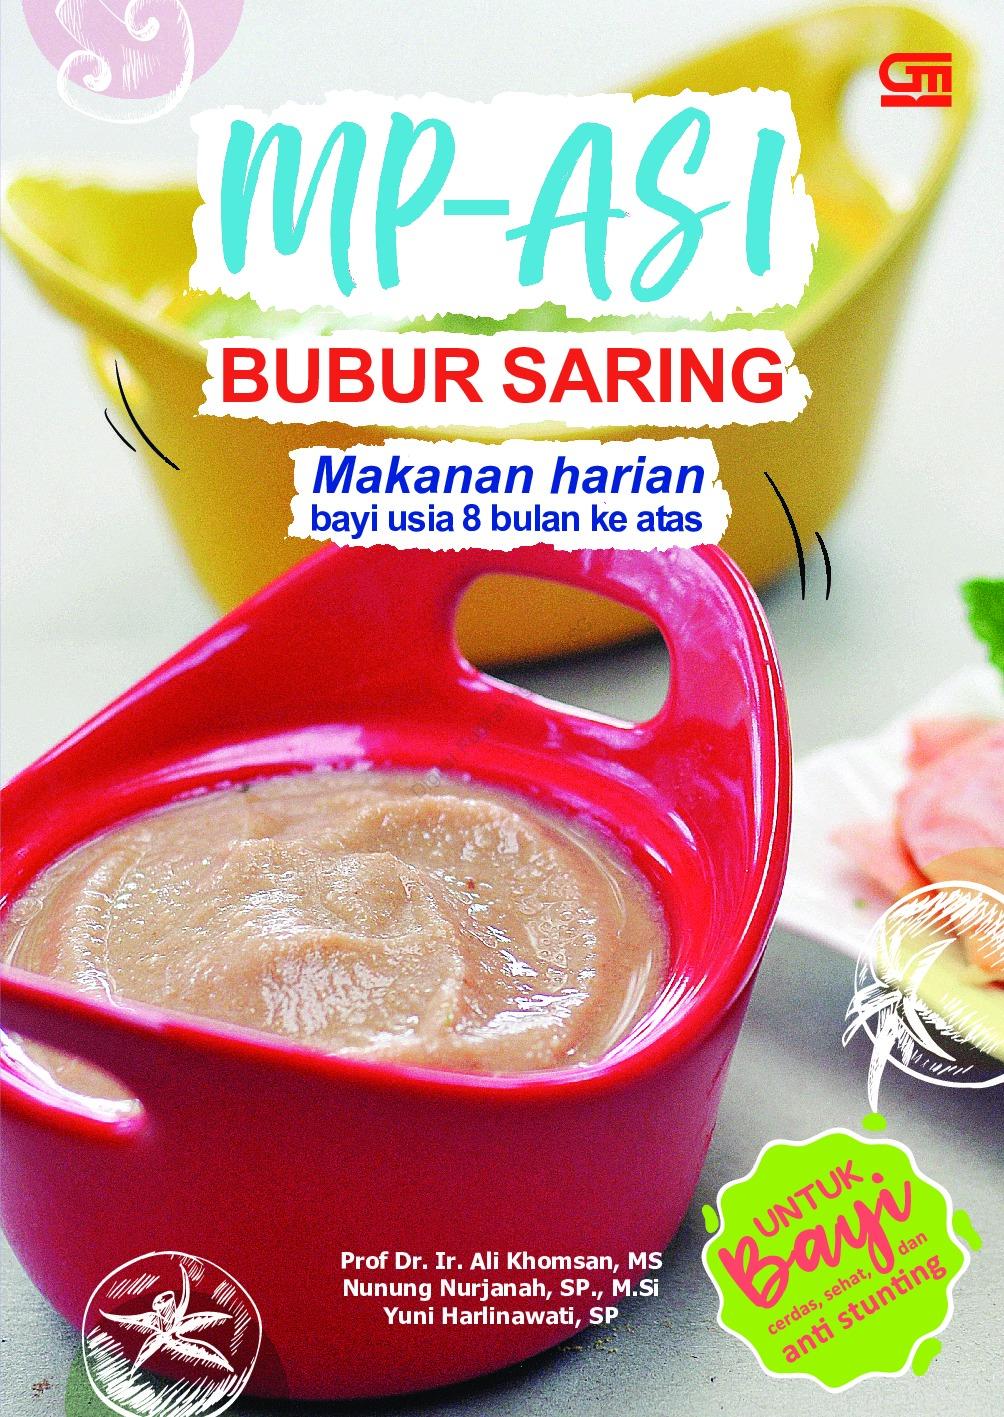 Jual Buku Mp Asi Bubur Saring Makanan Harian Bayi Usia 8 Bulan Ke Atas Oleh Prof Dr Ir Ali Khomsan Ms Dkk Gramedia Digital Indonesia